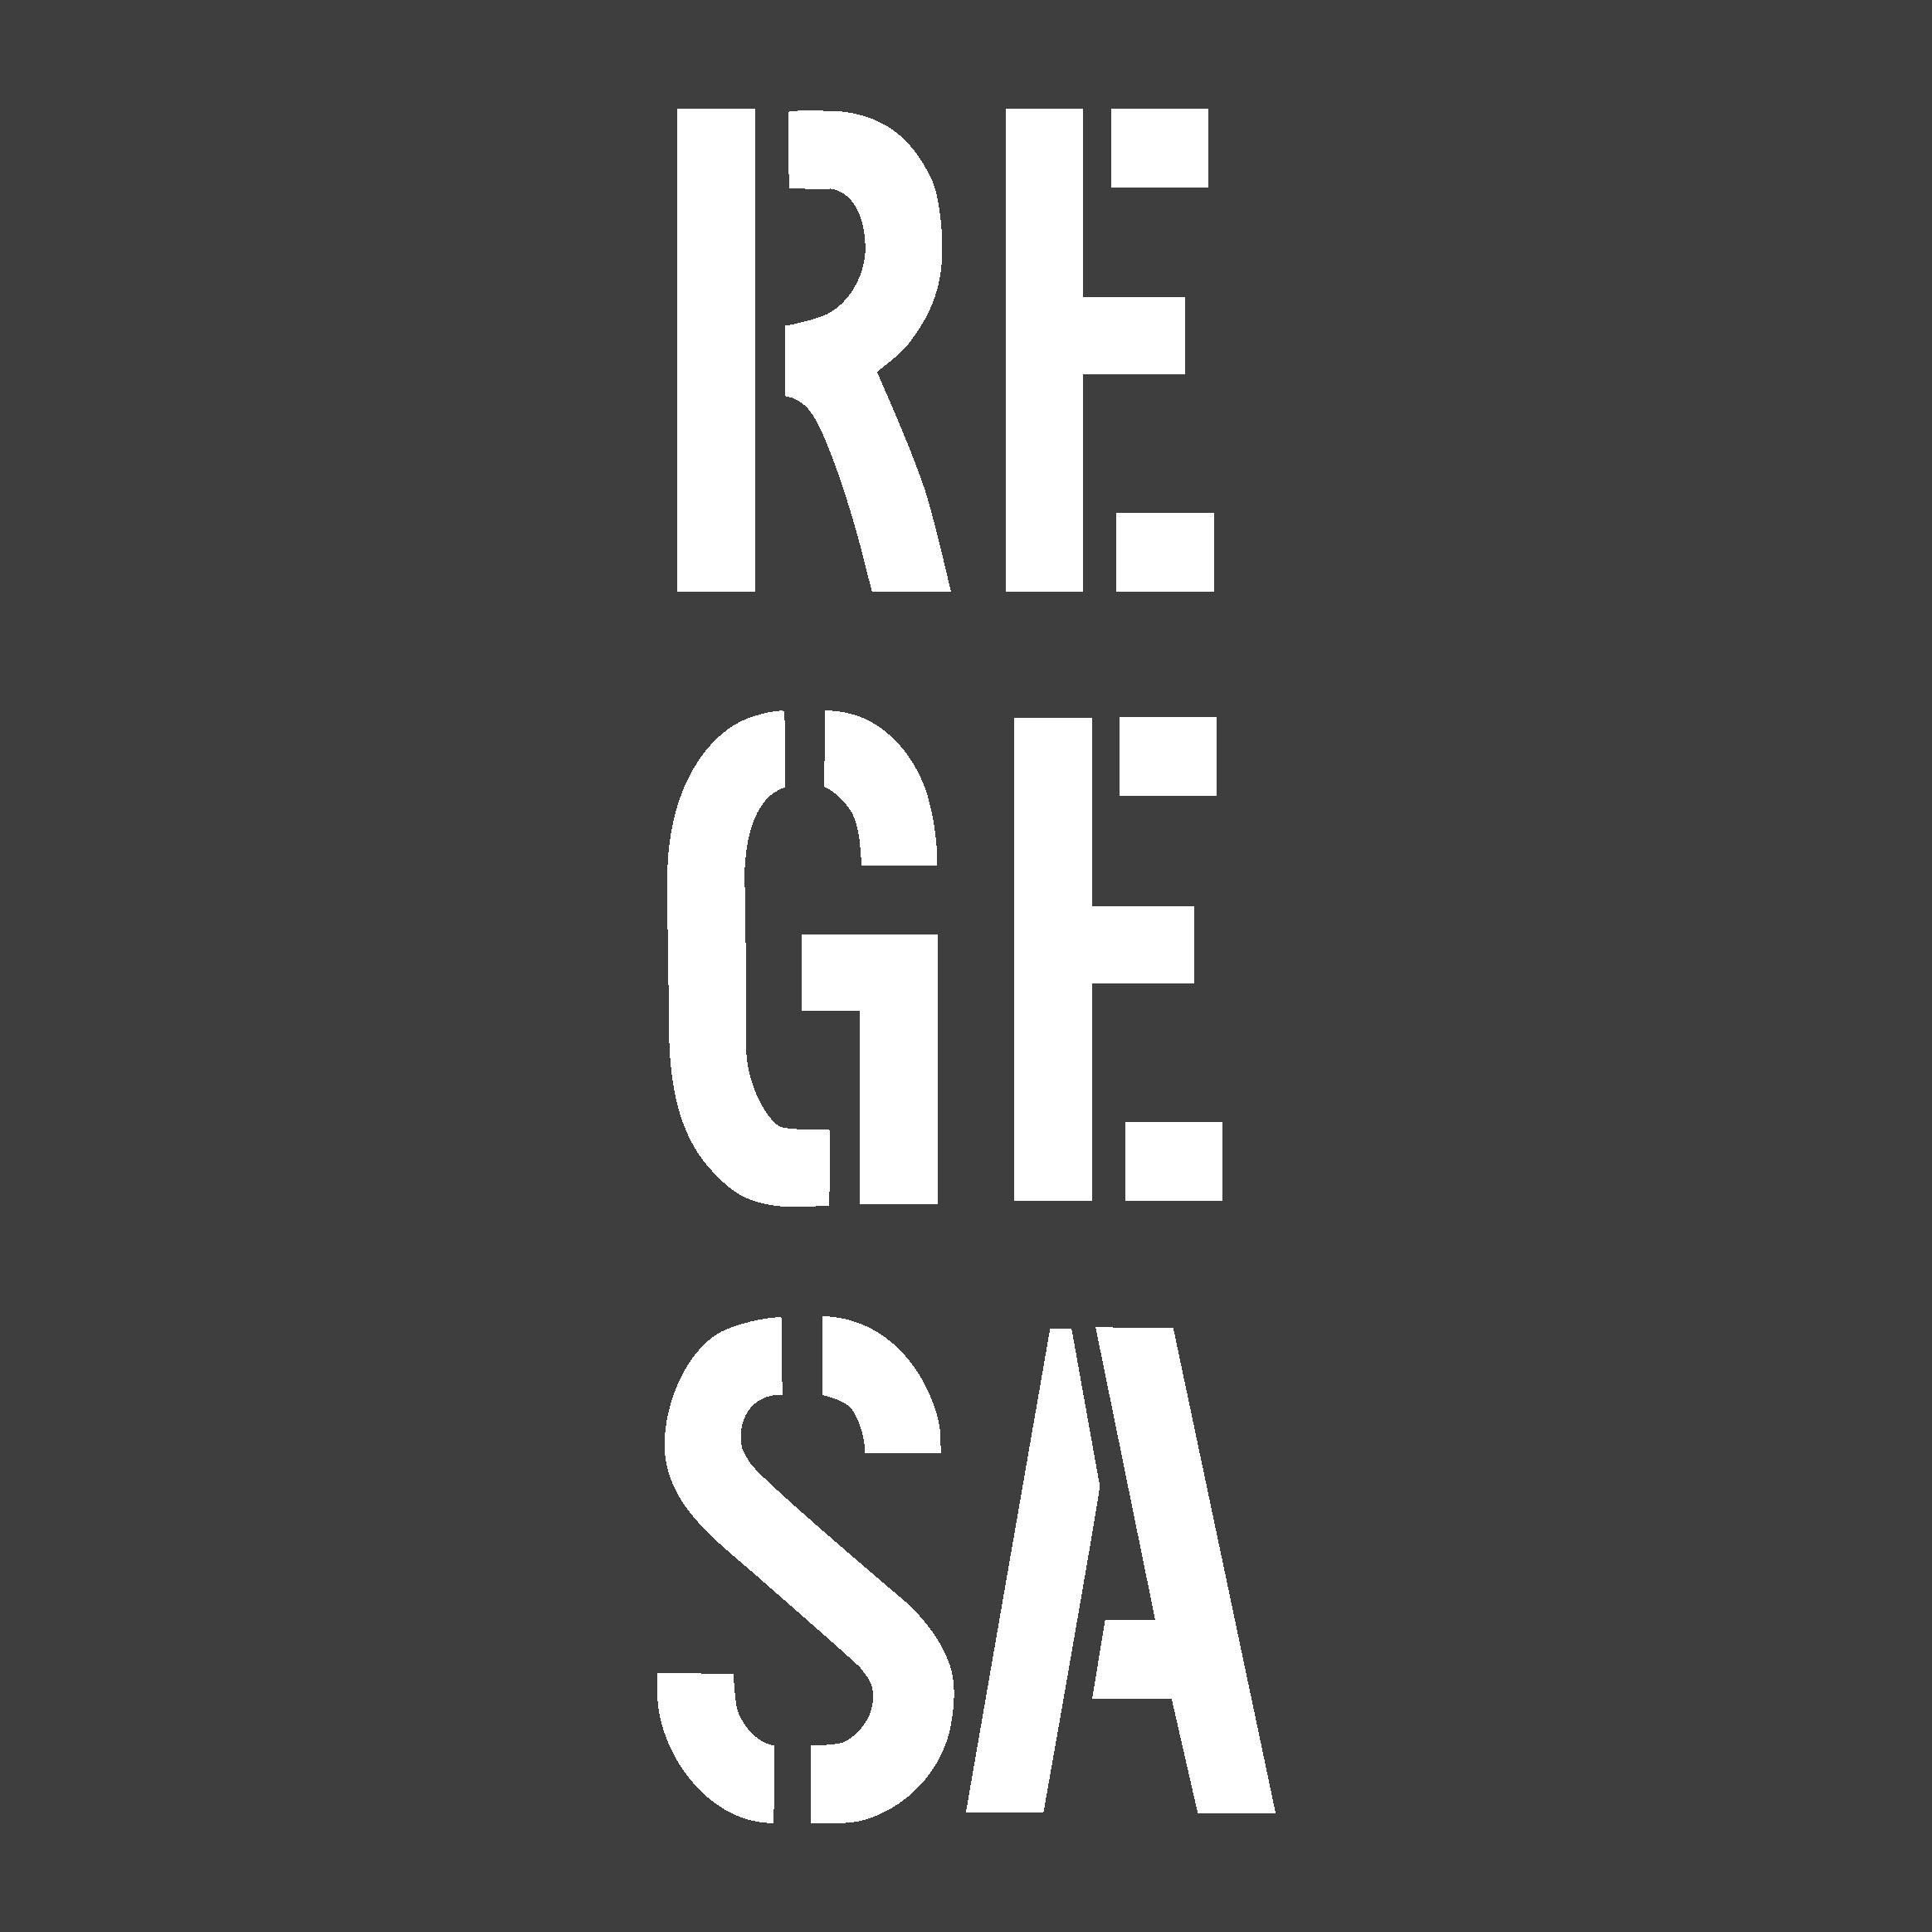 regesa